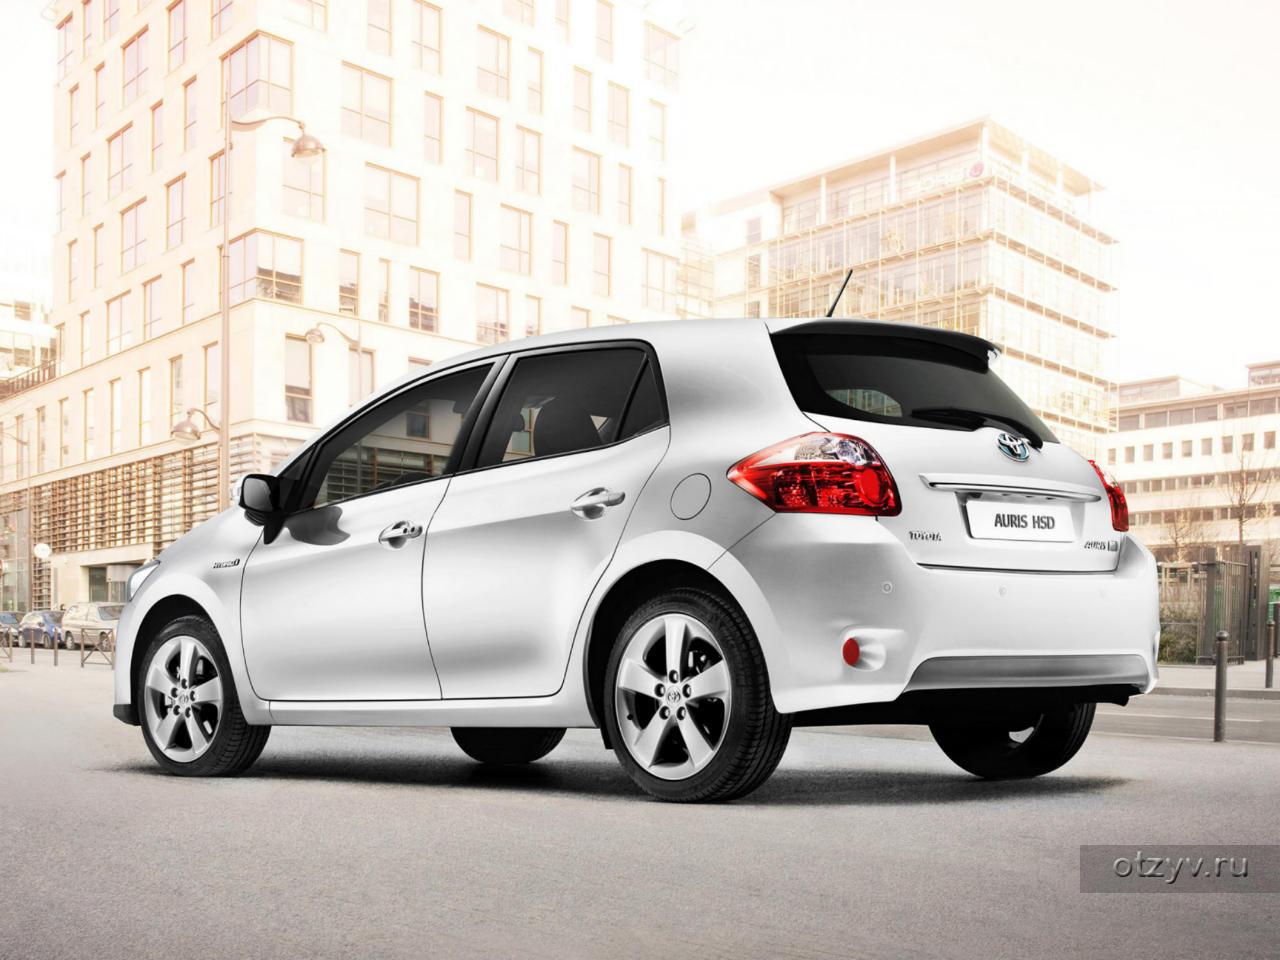 FREE Hybrid: Toyota Auris Hybrid | Toyota